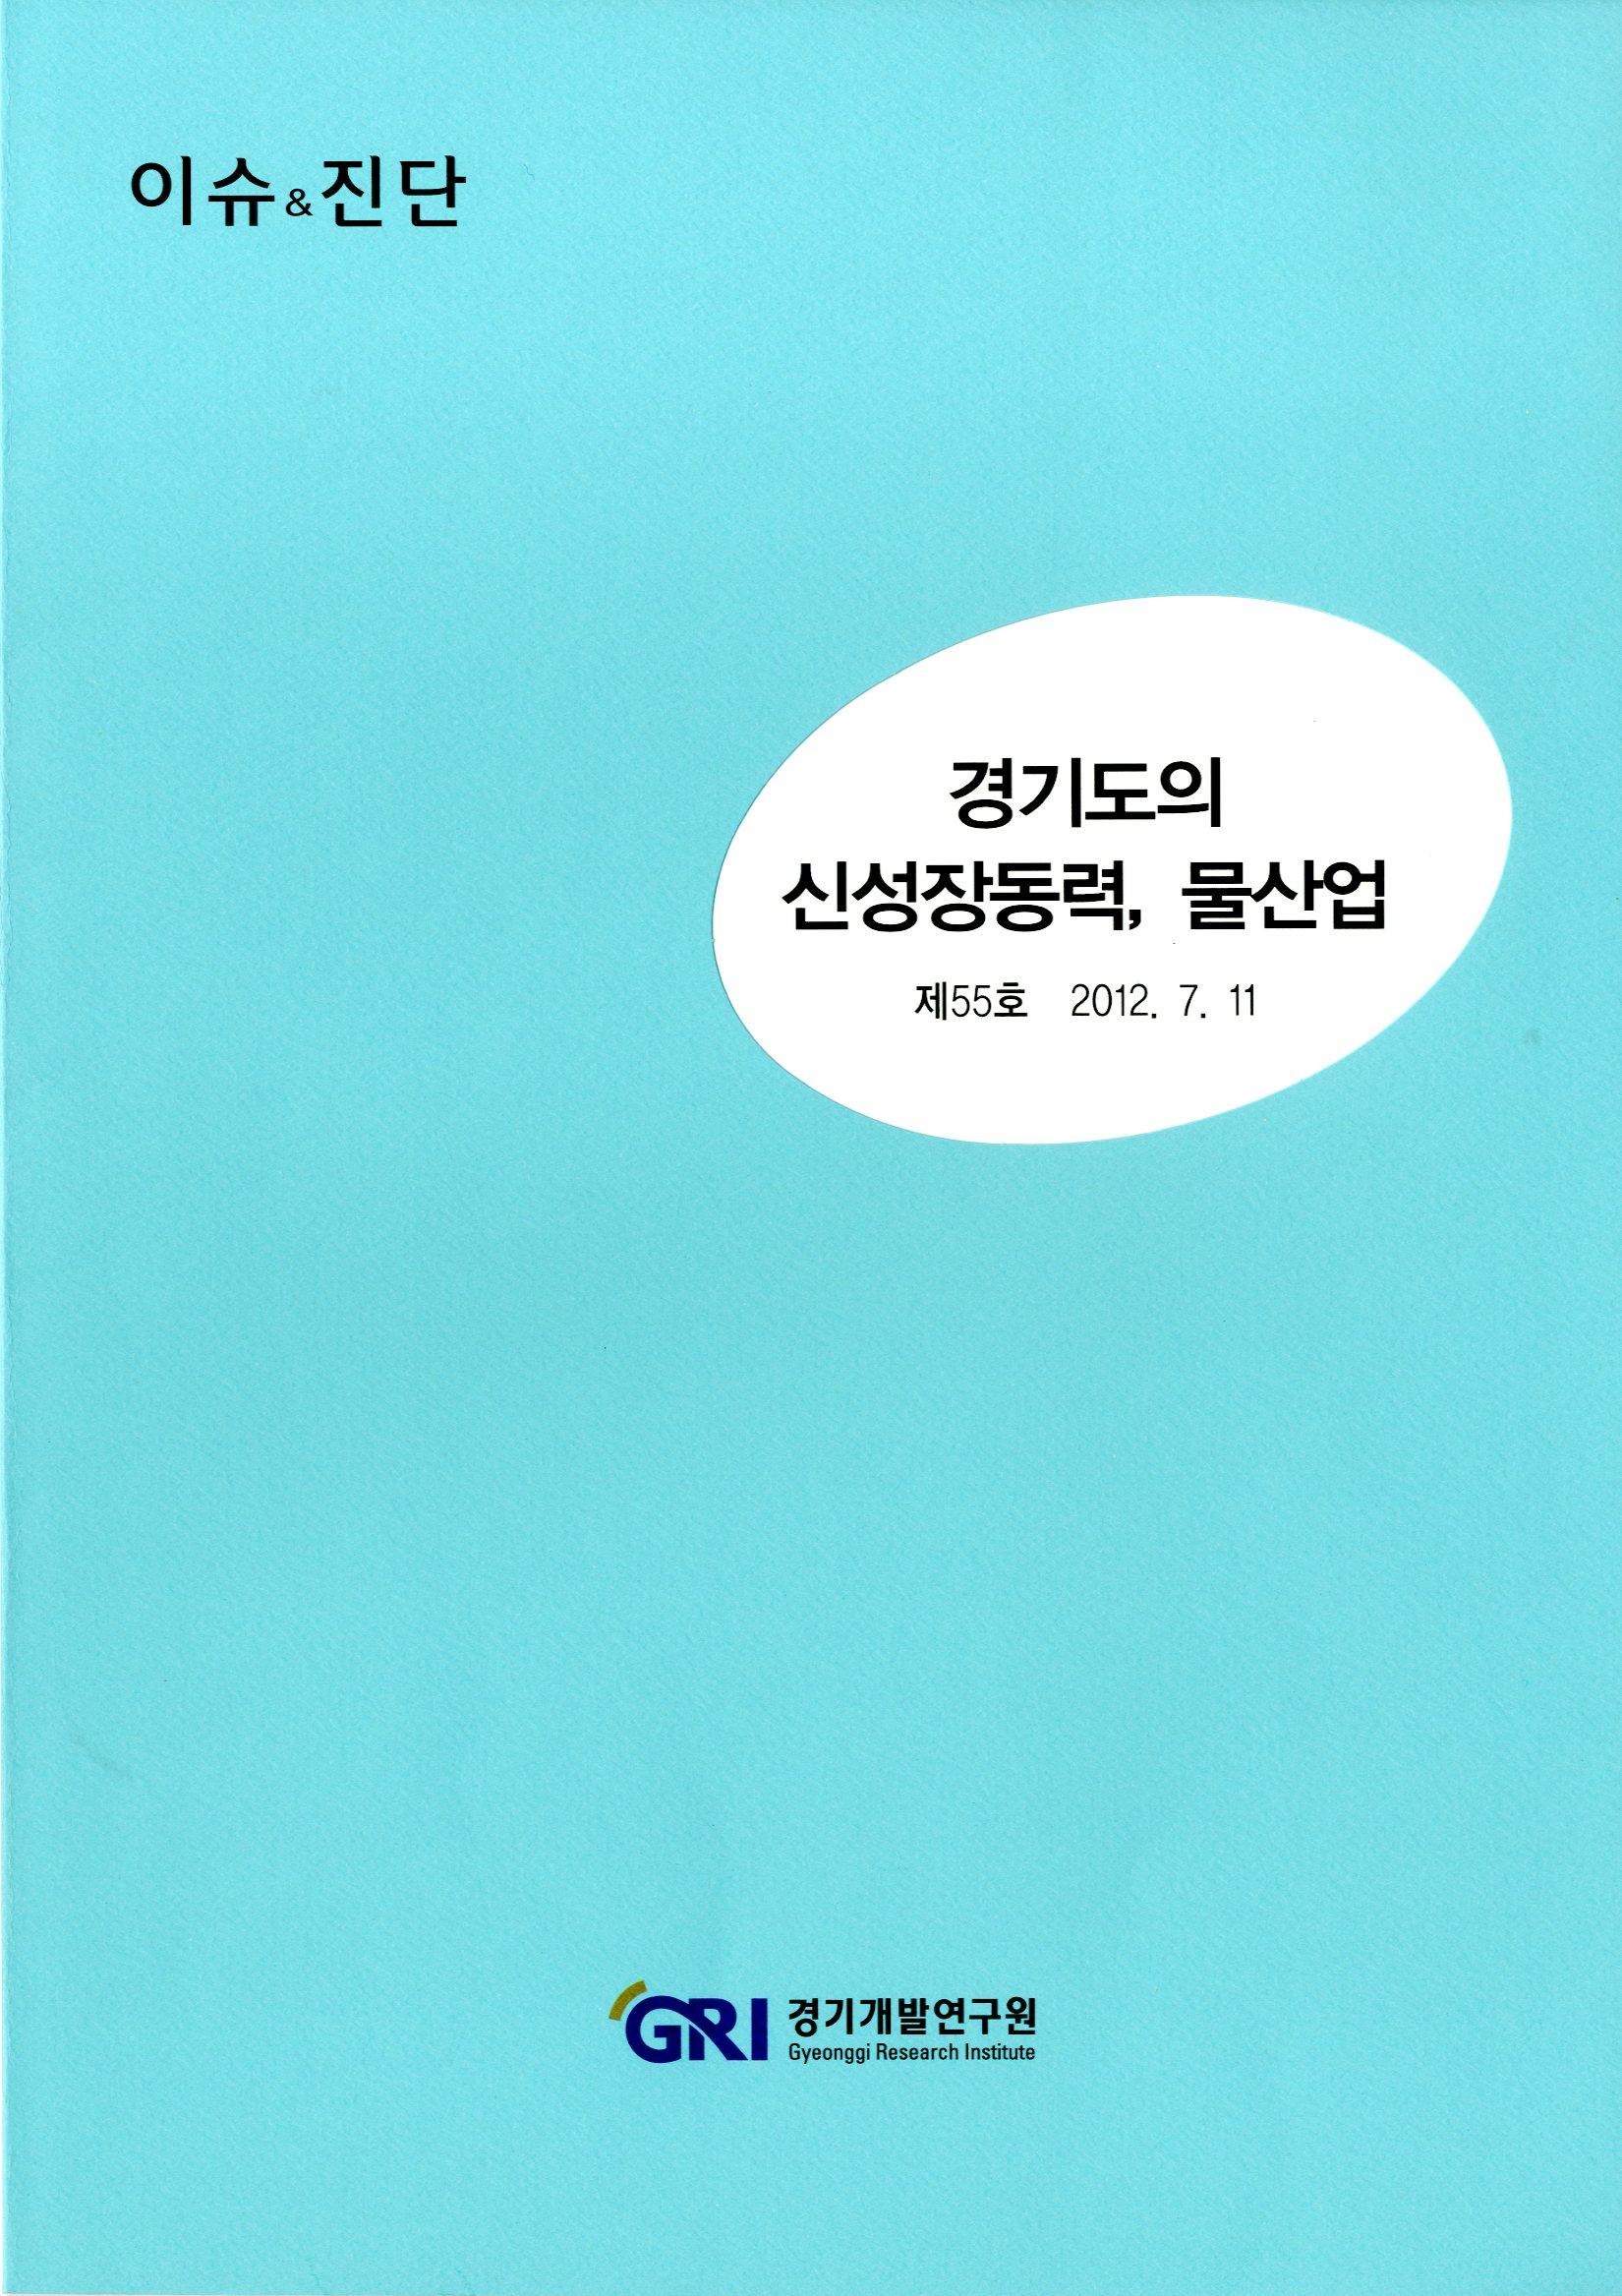 경기도의 신성장동력, 물산업